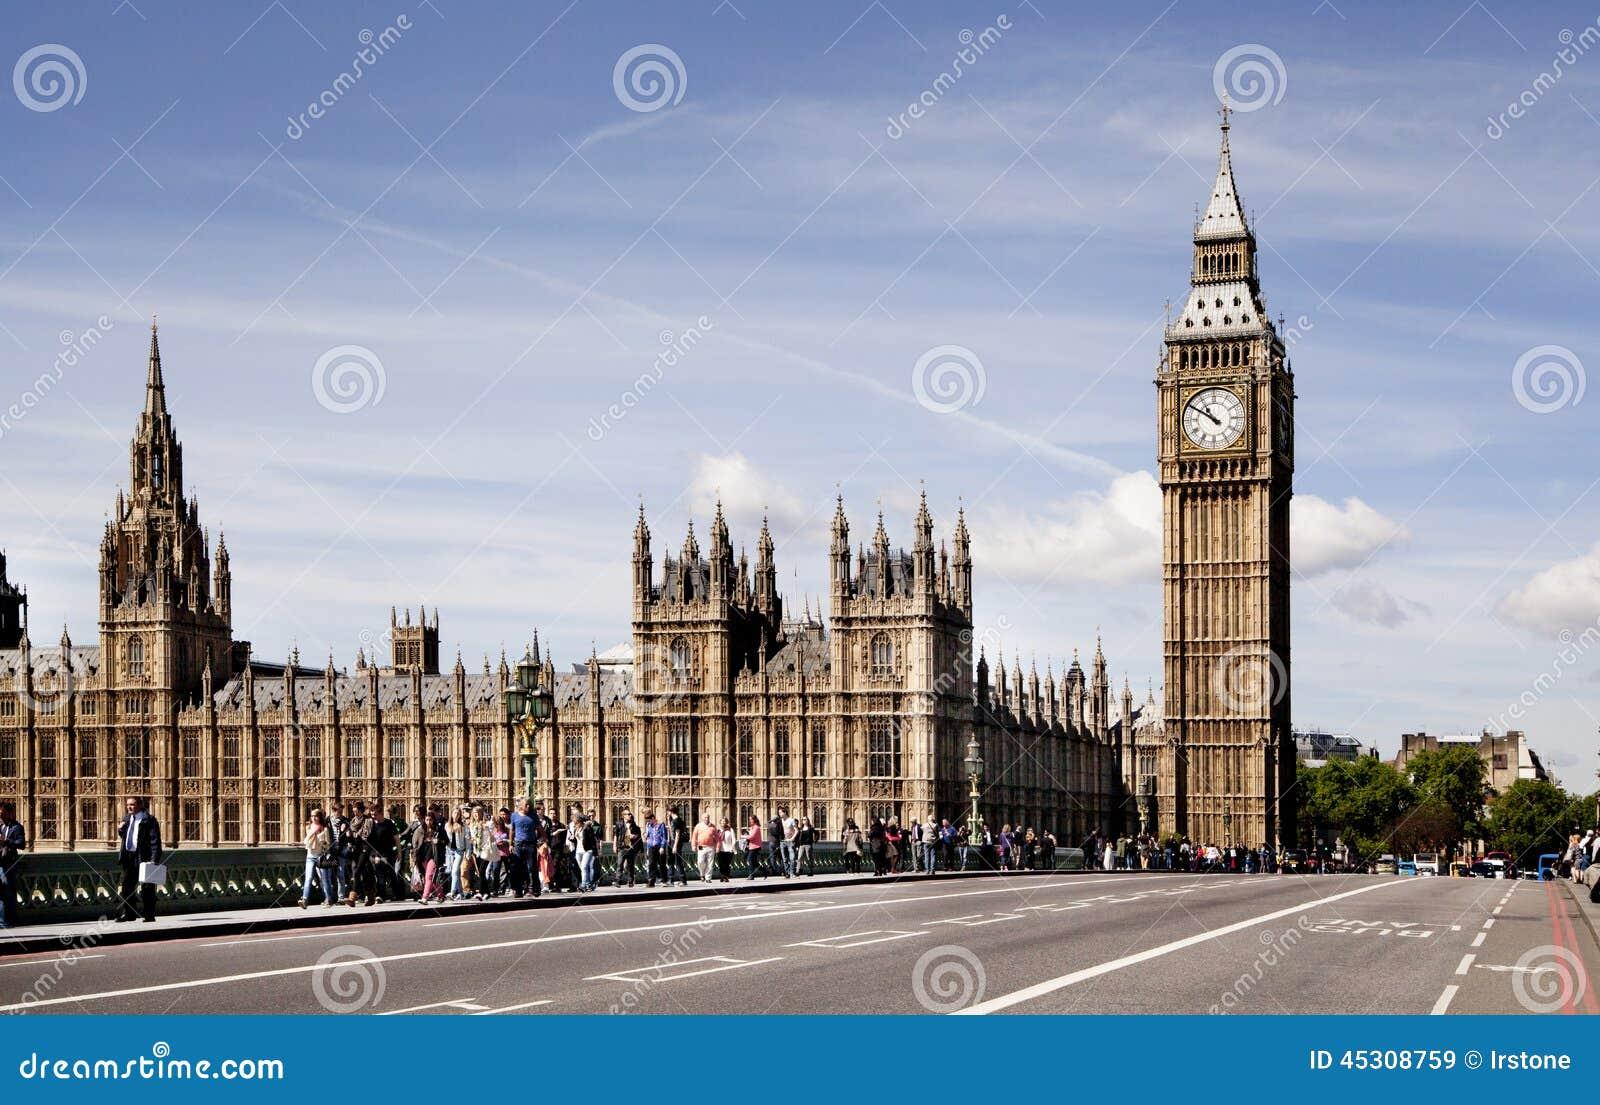 ЛОНДОН, Великобритания - 24-ое июня 2014 - большое Бен и парламент Великобритании на Реке Темза